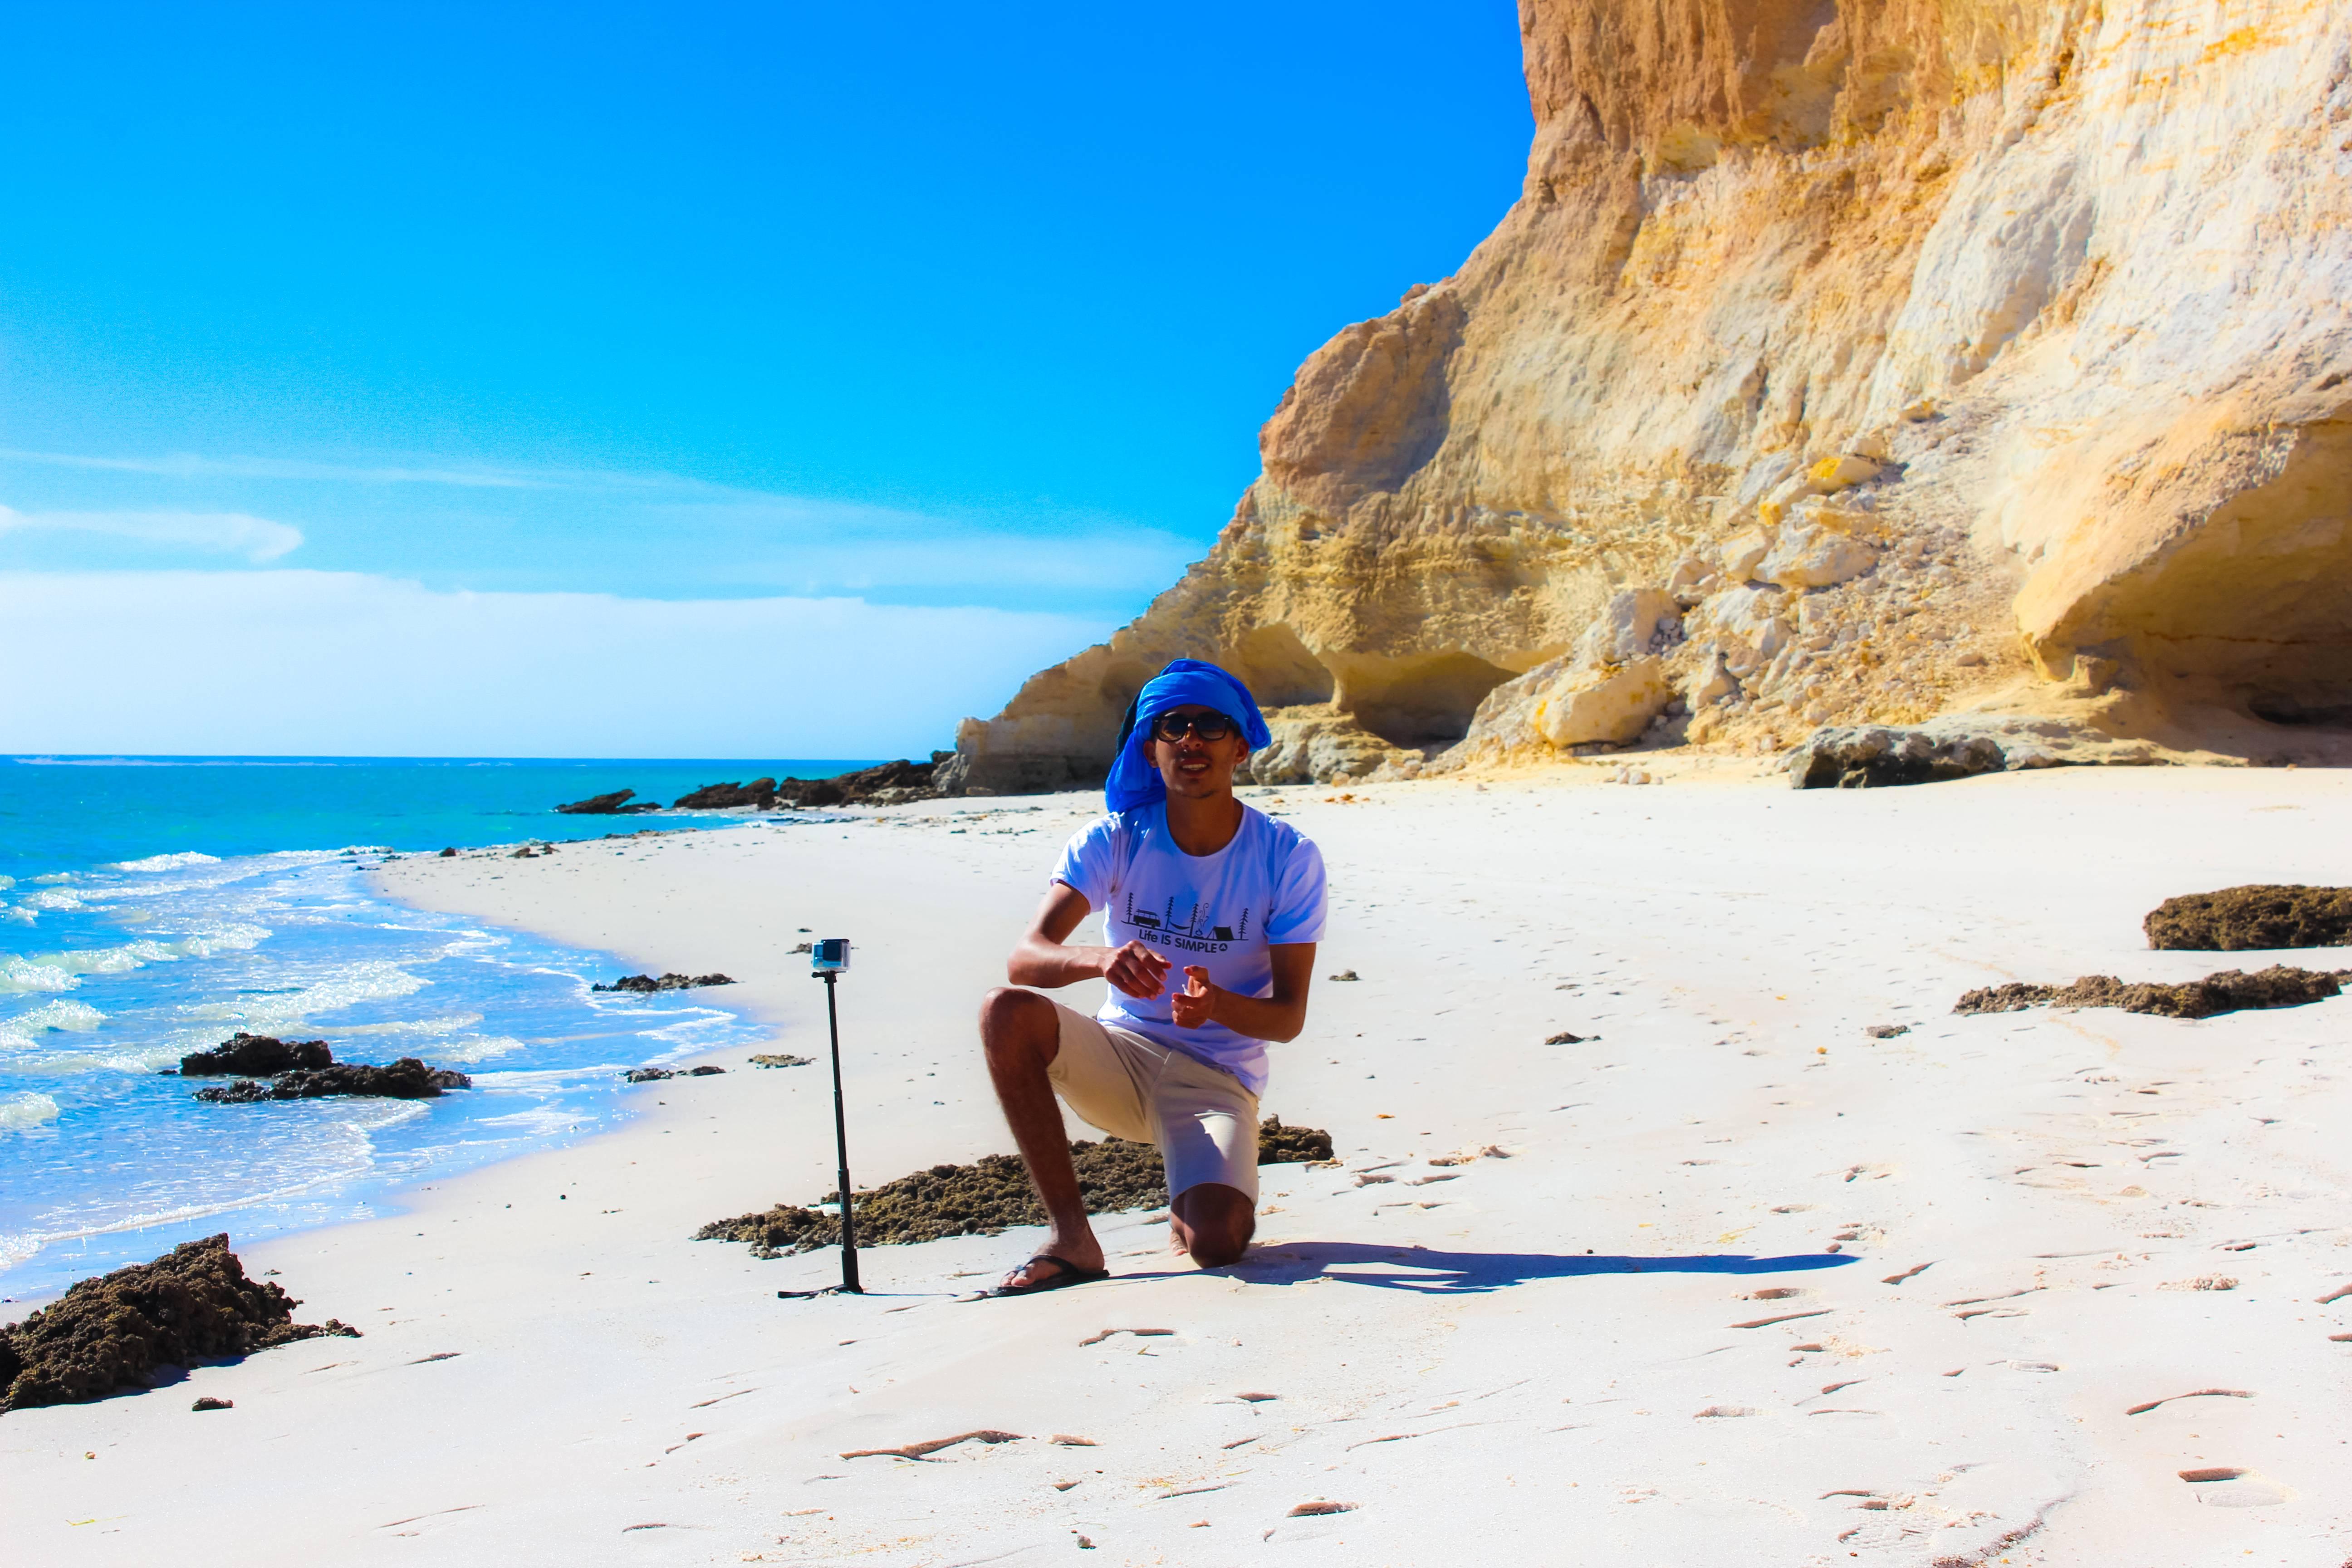 Photo 3: Trip arround dakhla ( Maroc ) : La dune blanche - Fom bouir - L'île du dragon